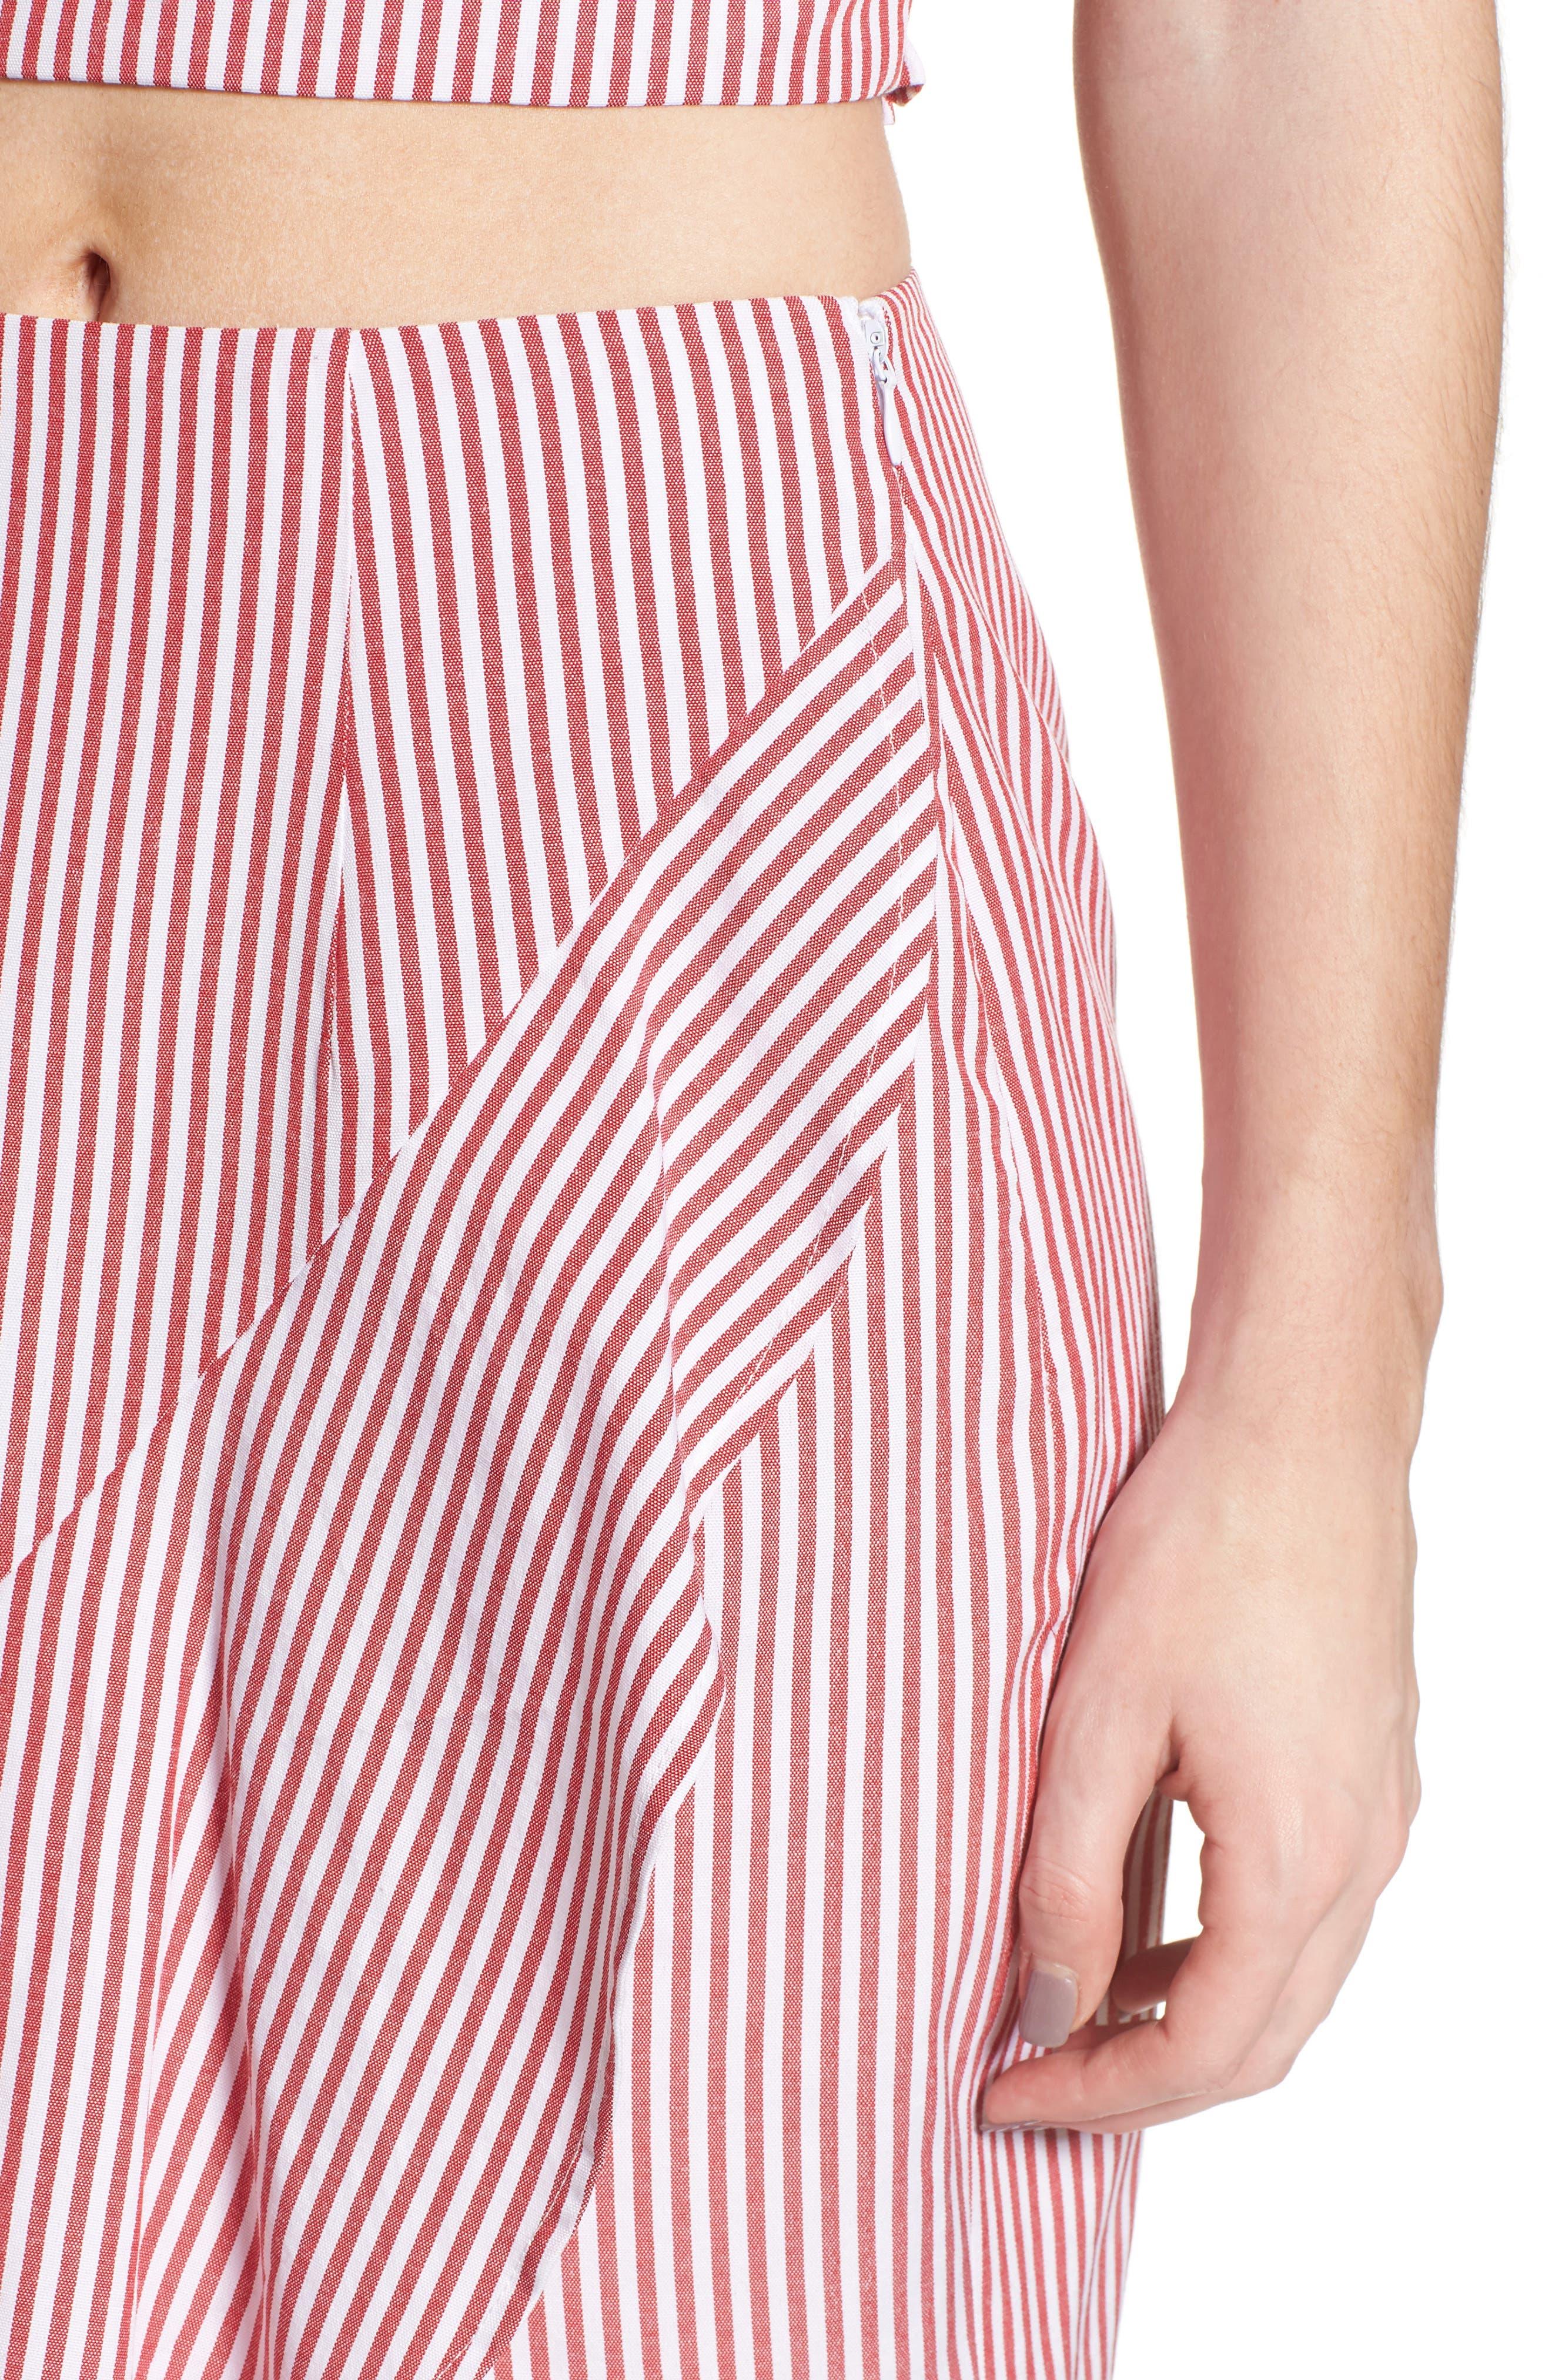 Naples Ruffle Skirt,                             Alternate thumbnail 4, color,                             Red Stripe